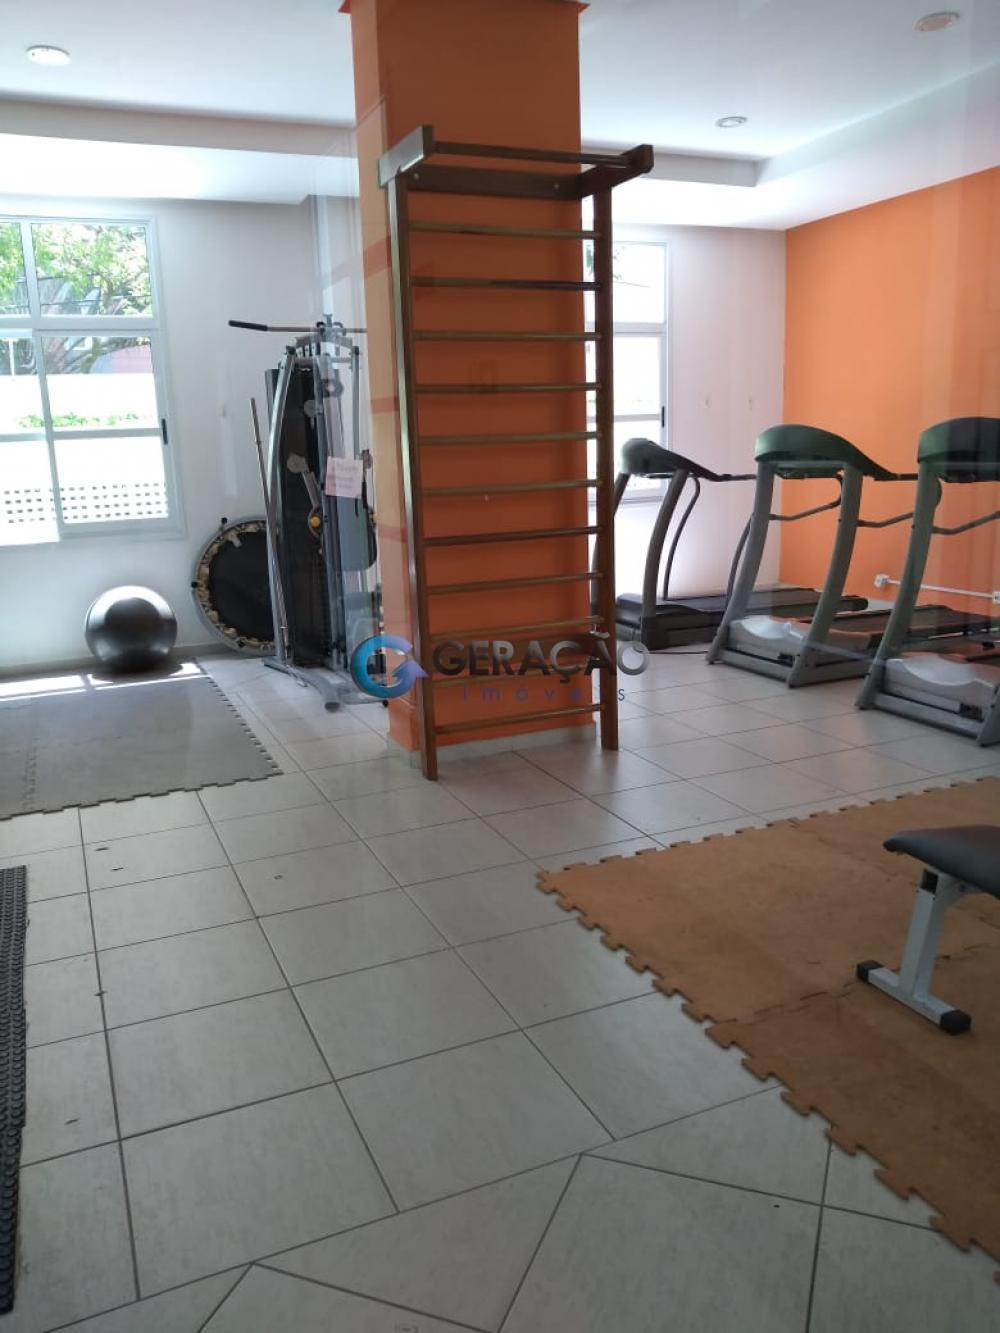 Comprar Apartamento / Padrão em São José dos Campos R$ 756.000,00 - Foto 18